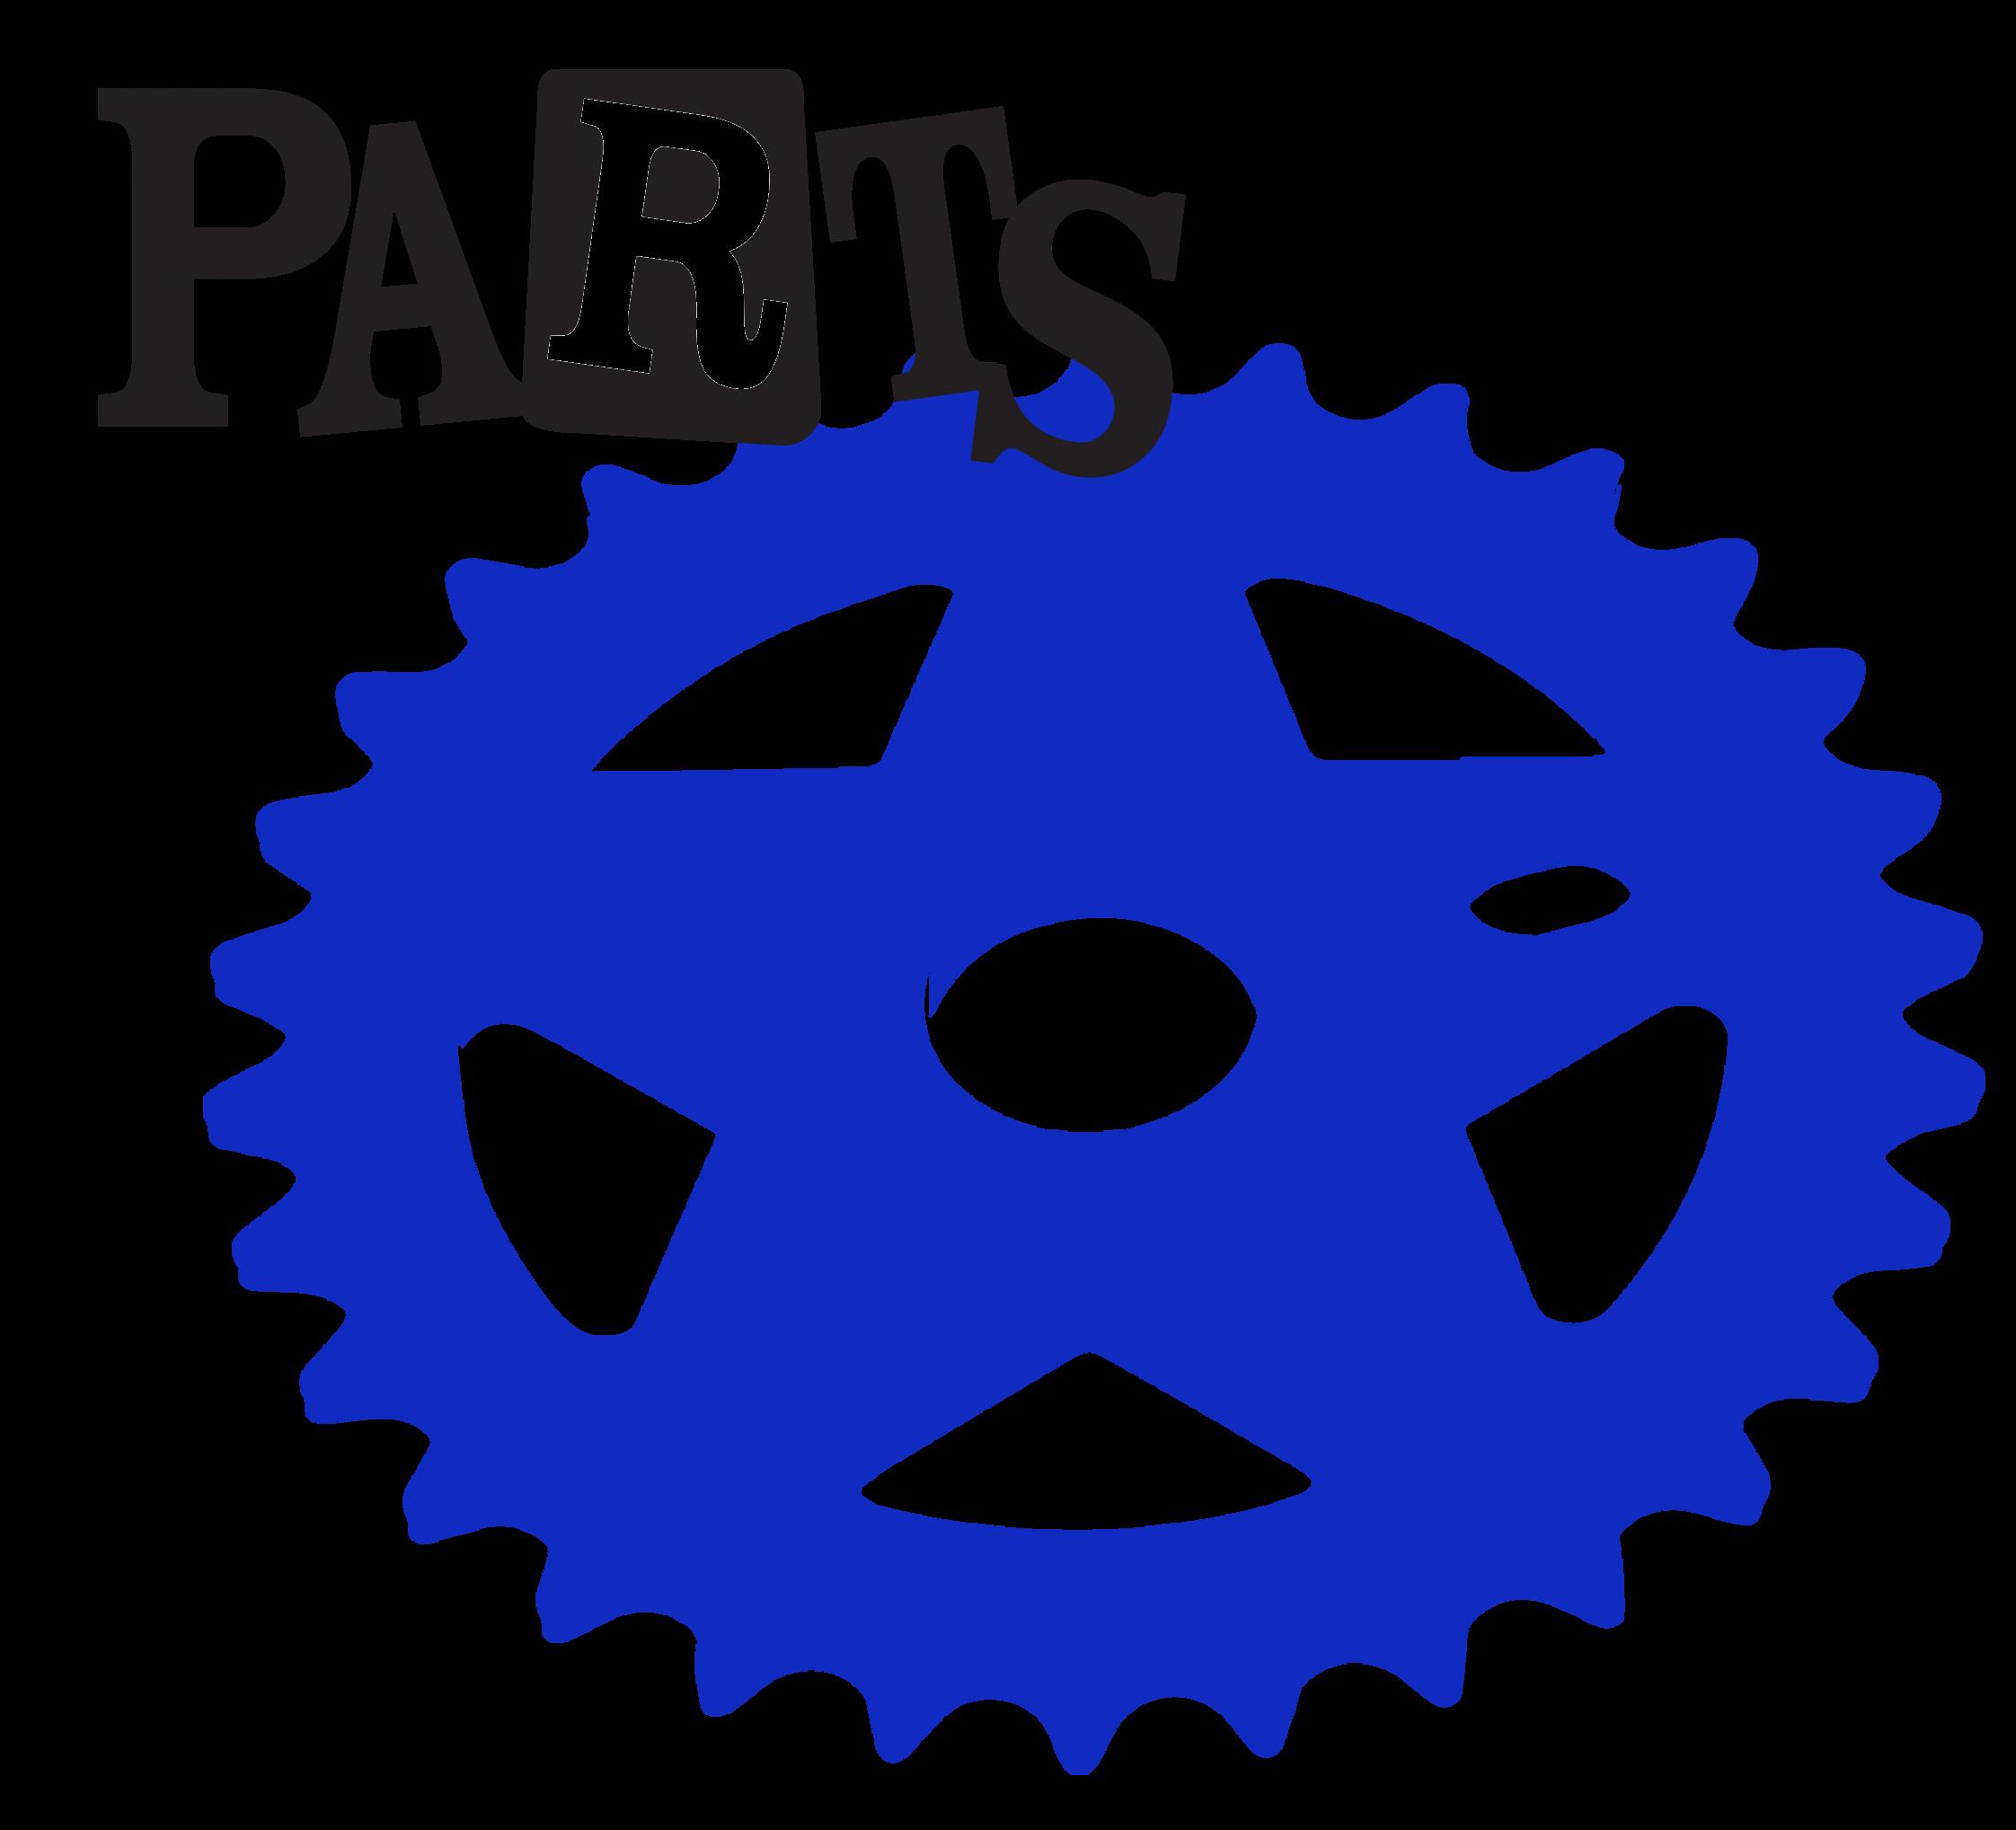 parts-iconBCD94F80-8862-9579-29C0-6AC464F95758.png